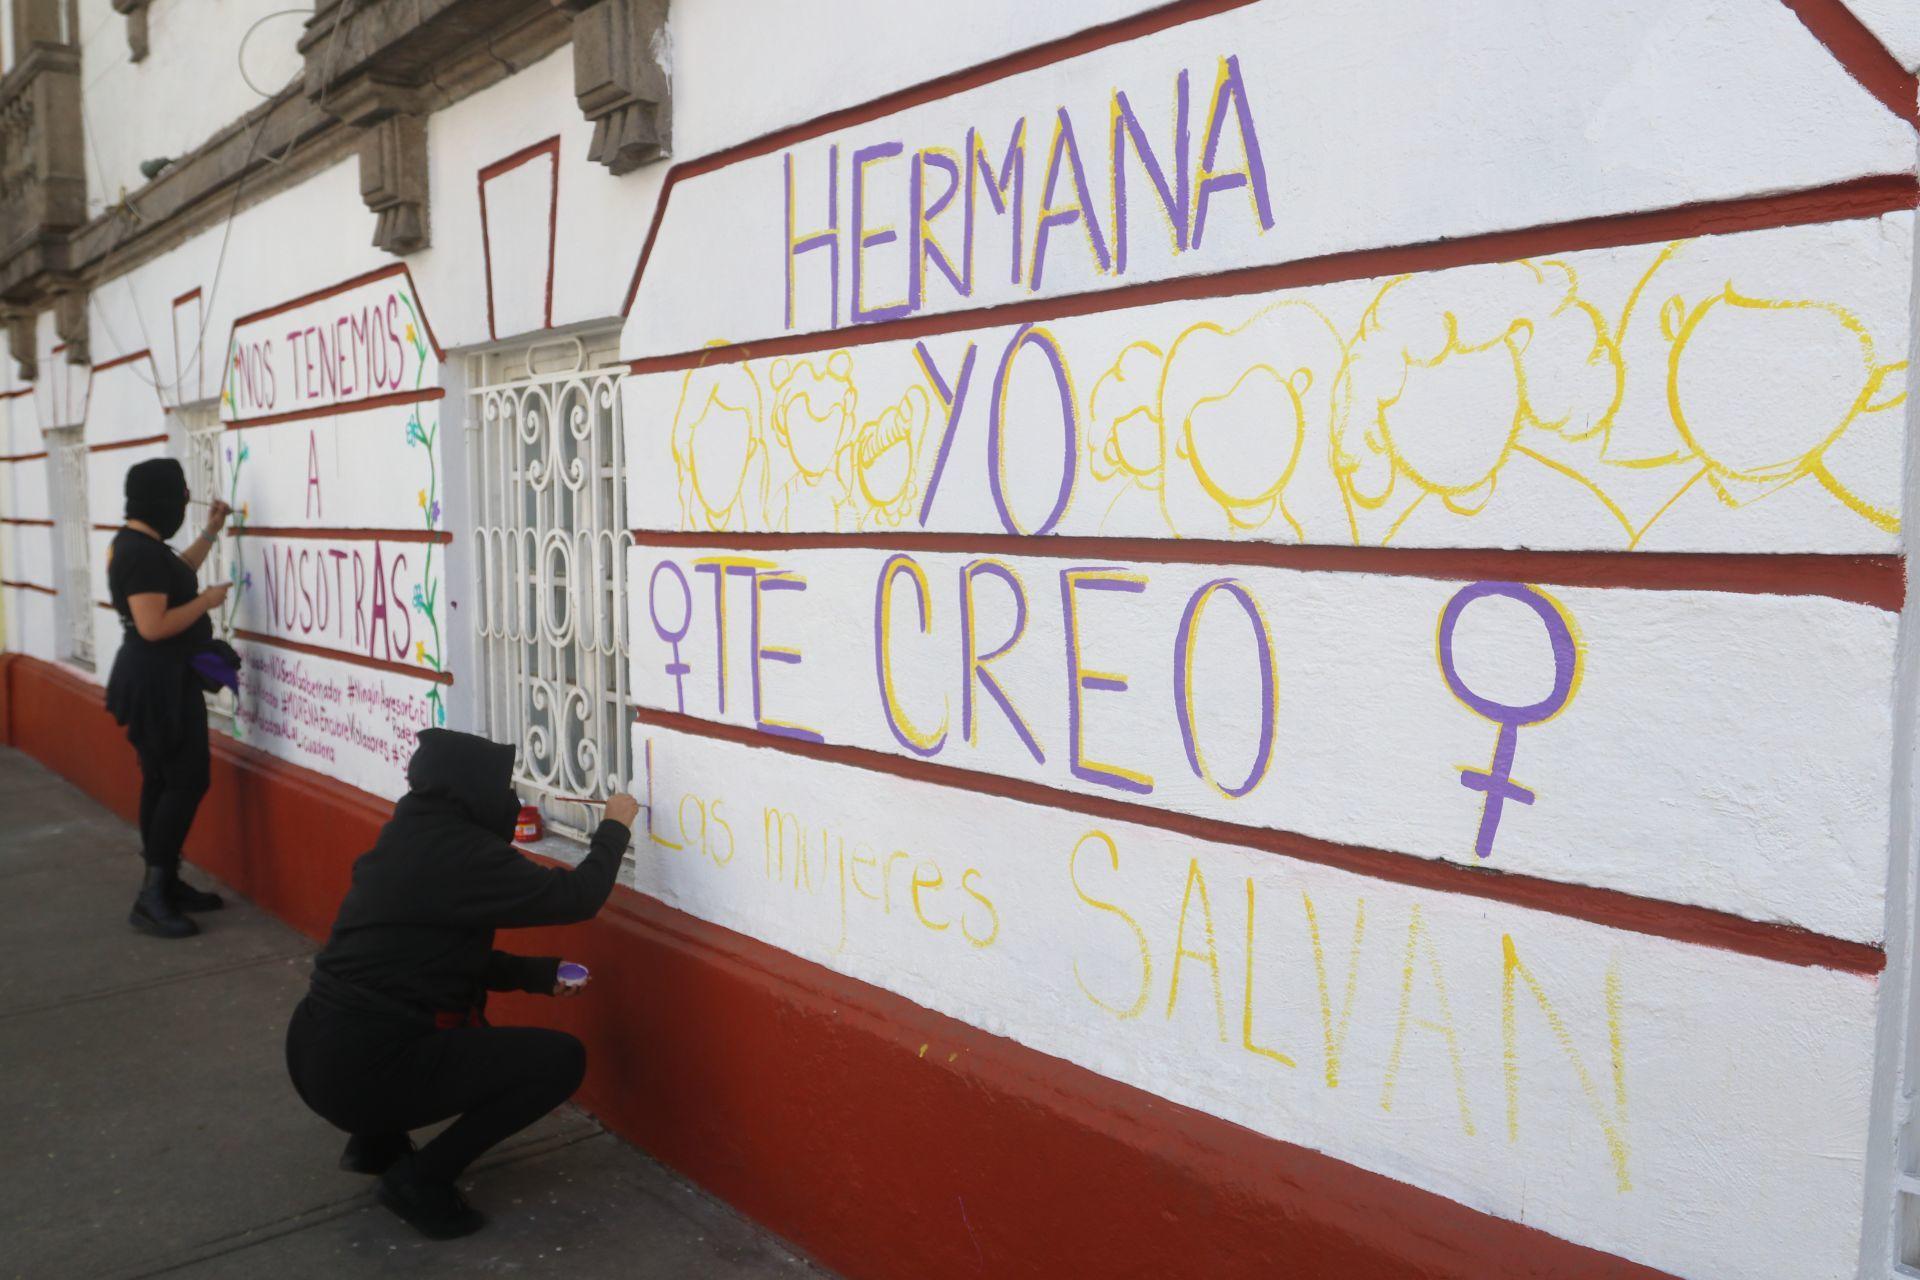 CIUDAD DE MÉXICO, 13FEBRERO2022.- Integrantes de colectivas feministas protestaron afuera de la CEN de Morena en contra del candidato a gobernador de Guerrero, Félix Salgado Macedonio, quién es señalado por cinco casos de abuso y violencia hacia las mujeres en este estado. Durante la protesta las mujeres cerraron con cadena la puerta de las instalaciones, cerraron la vialidad en la calles de Monterrey y Chihuahua, colonia Roma Norte y permanecen en plantón con el propósito de mantenerse hasta mañana.